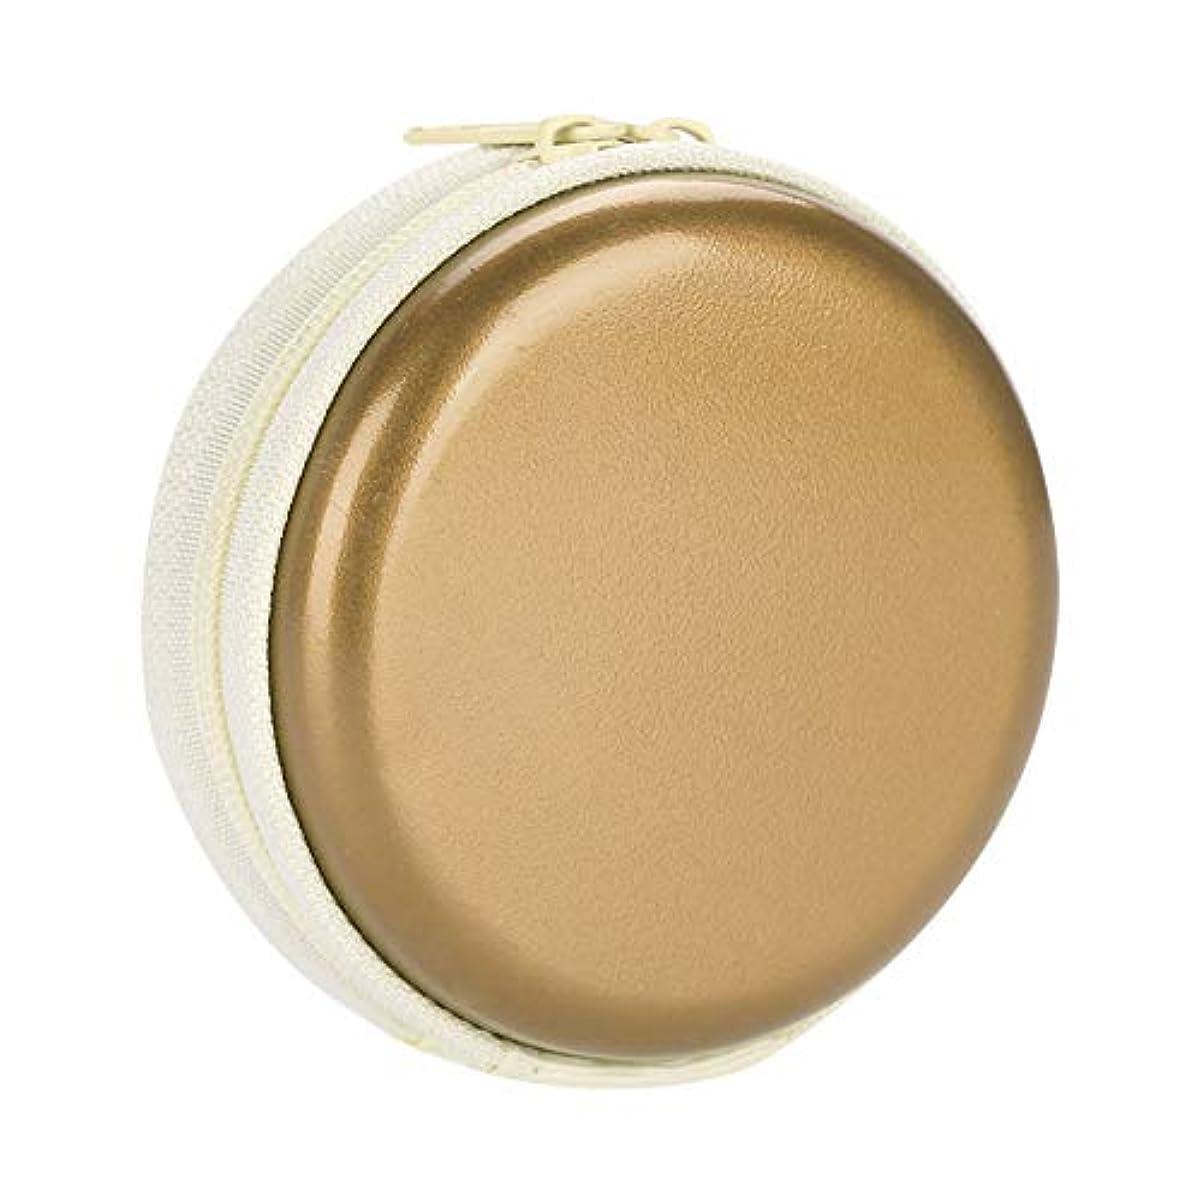 アンソロジーコンプライアンスのエッセンシャルオイルキャリングケーストラベルキャリアコンテナコンパクト&ポータブルオイルバッグ保護外装ハードシェル付き外装ストレージ(Gold)